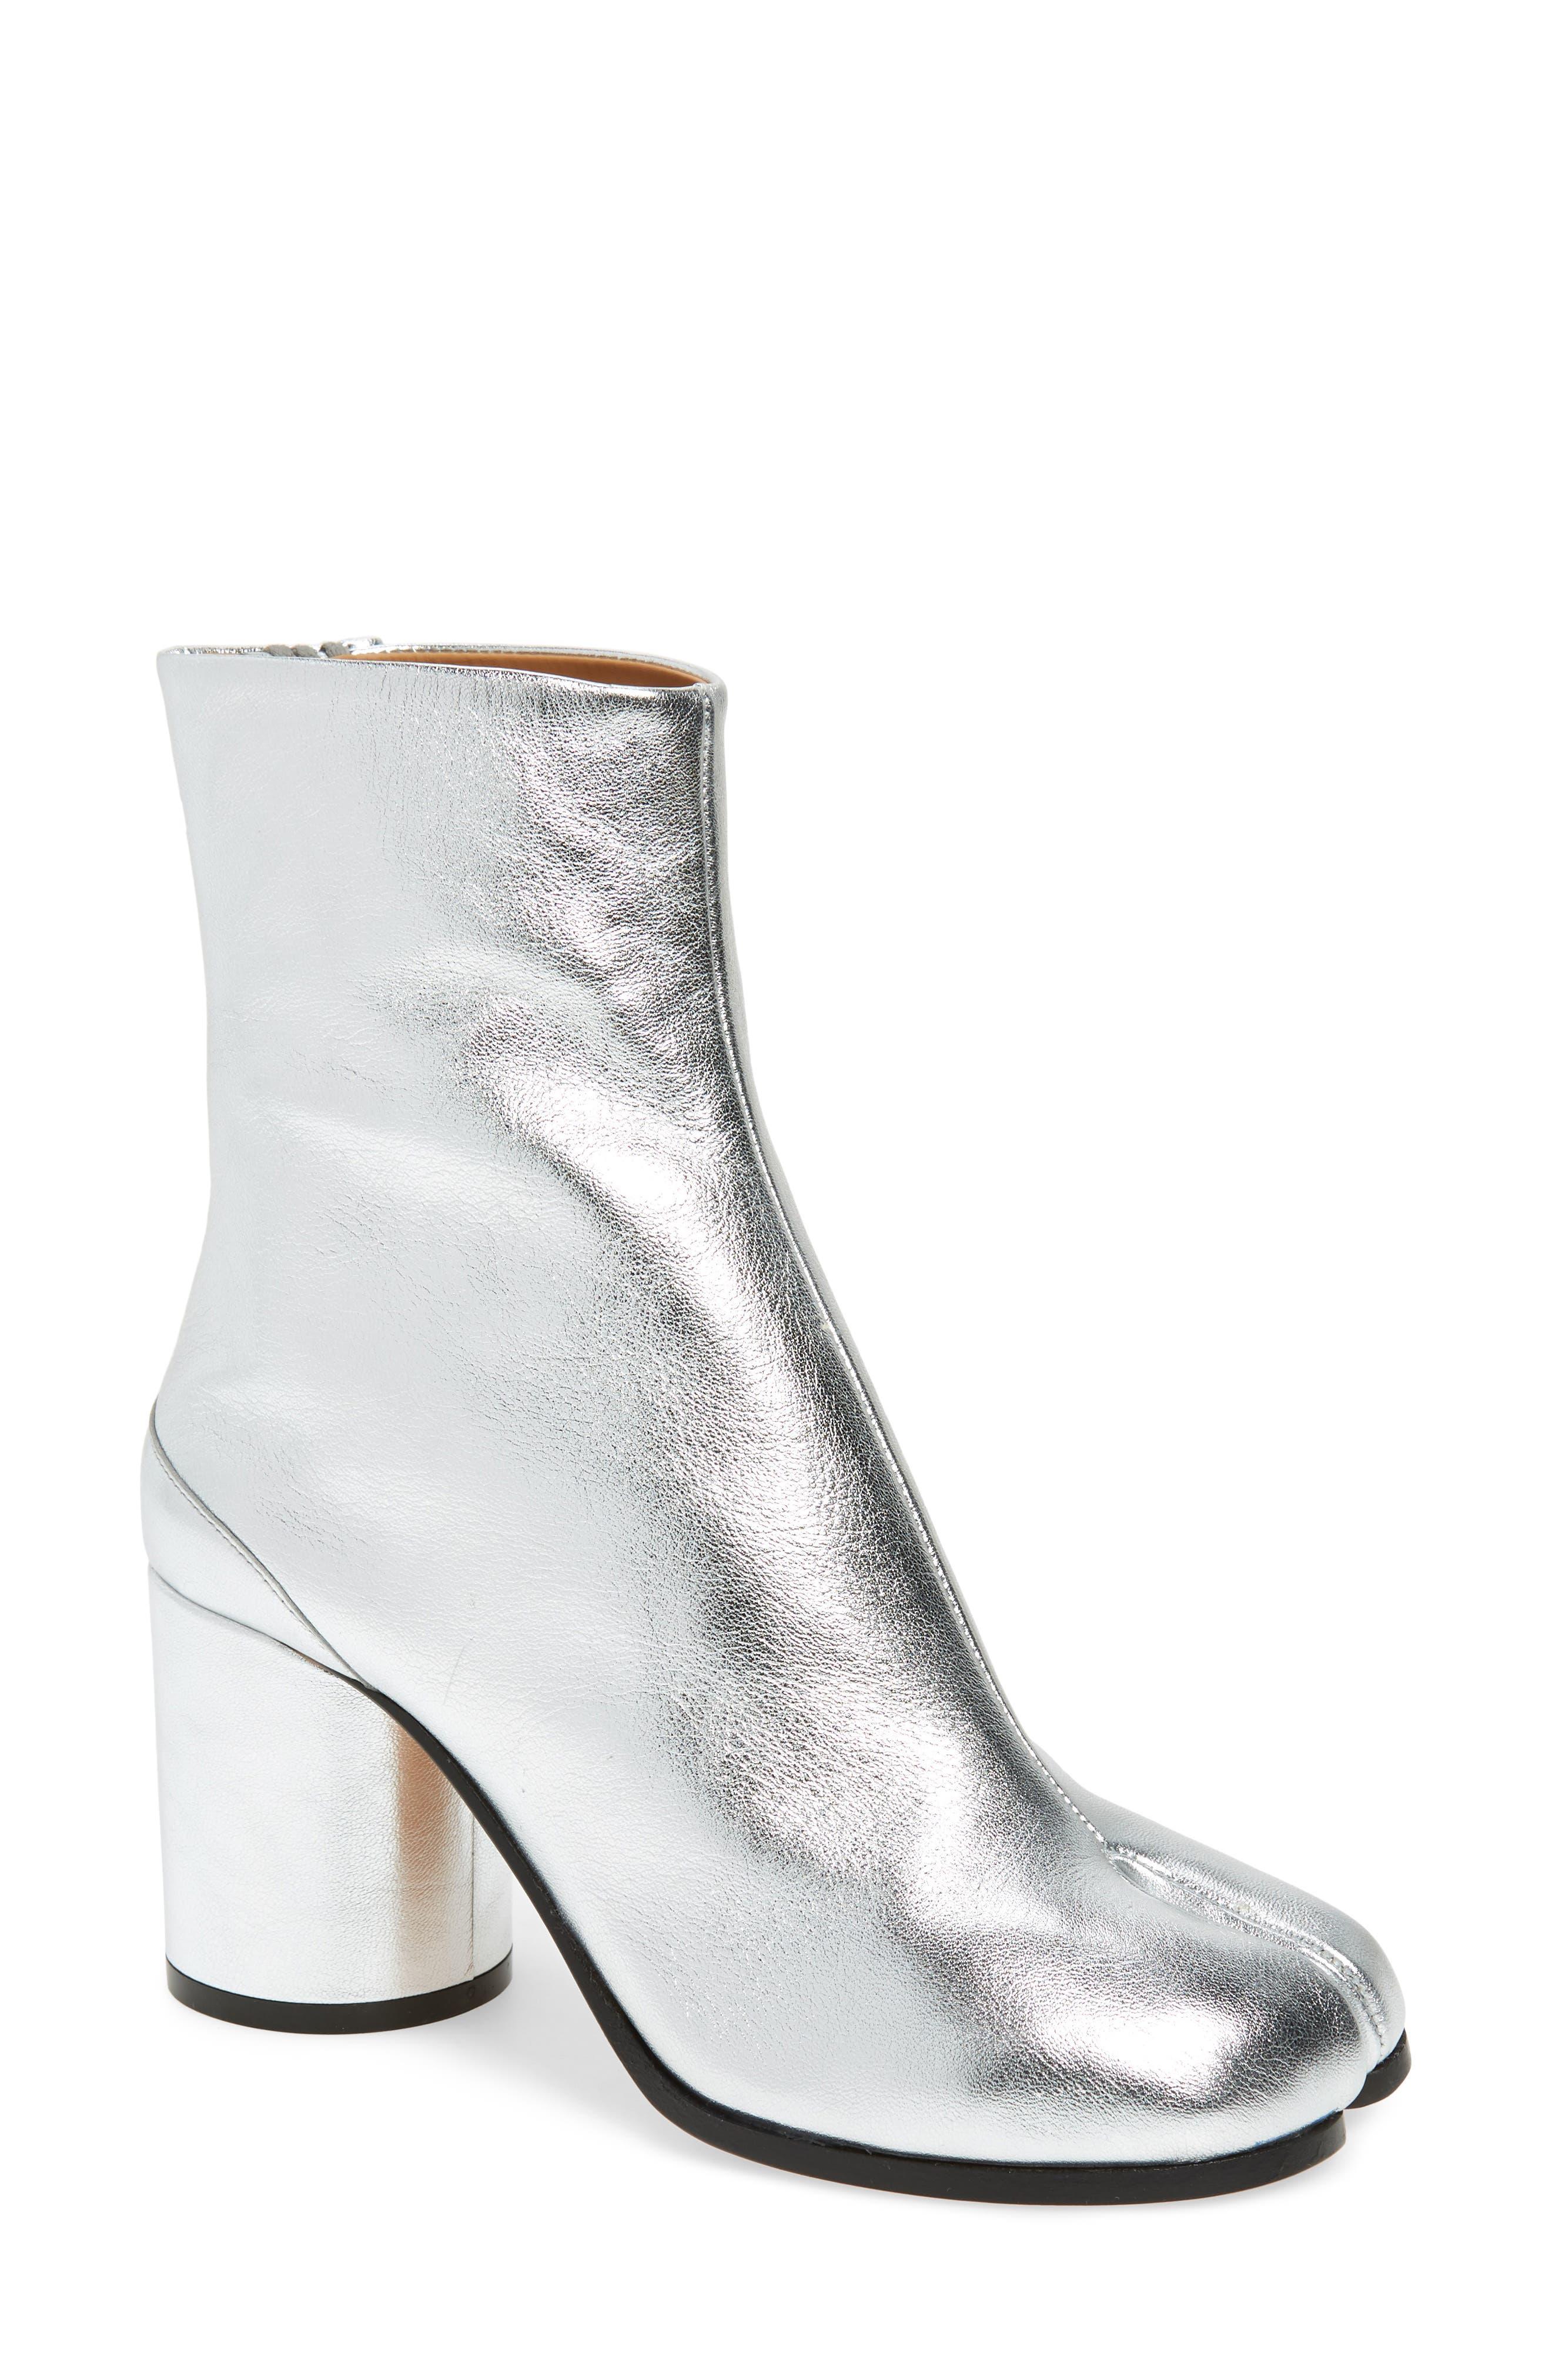 Maison Margiela Tabi Metallic Boot (Women)